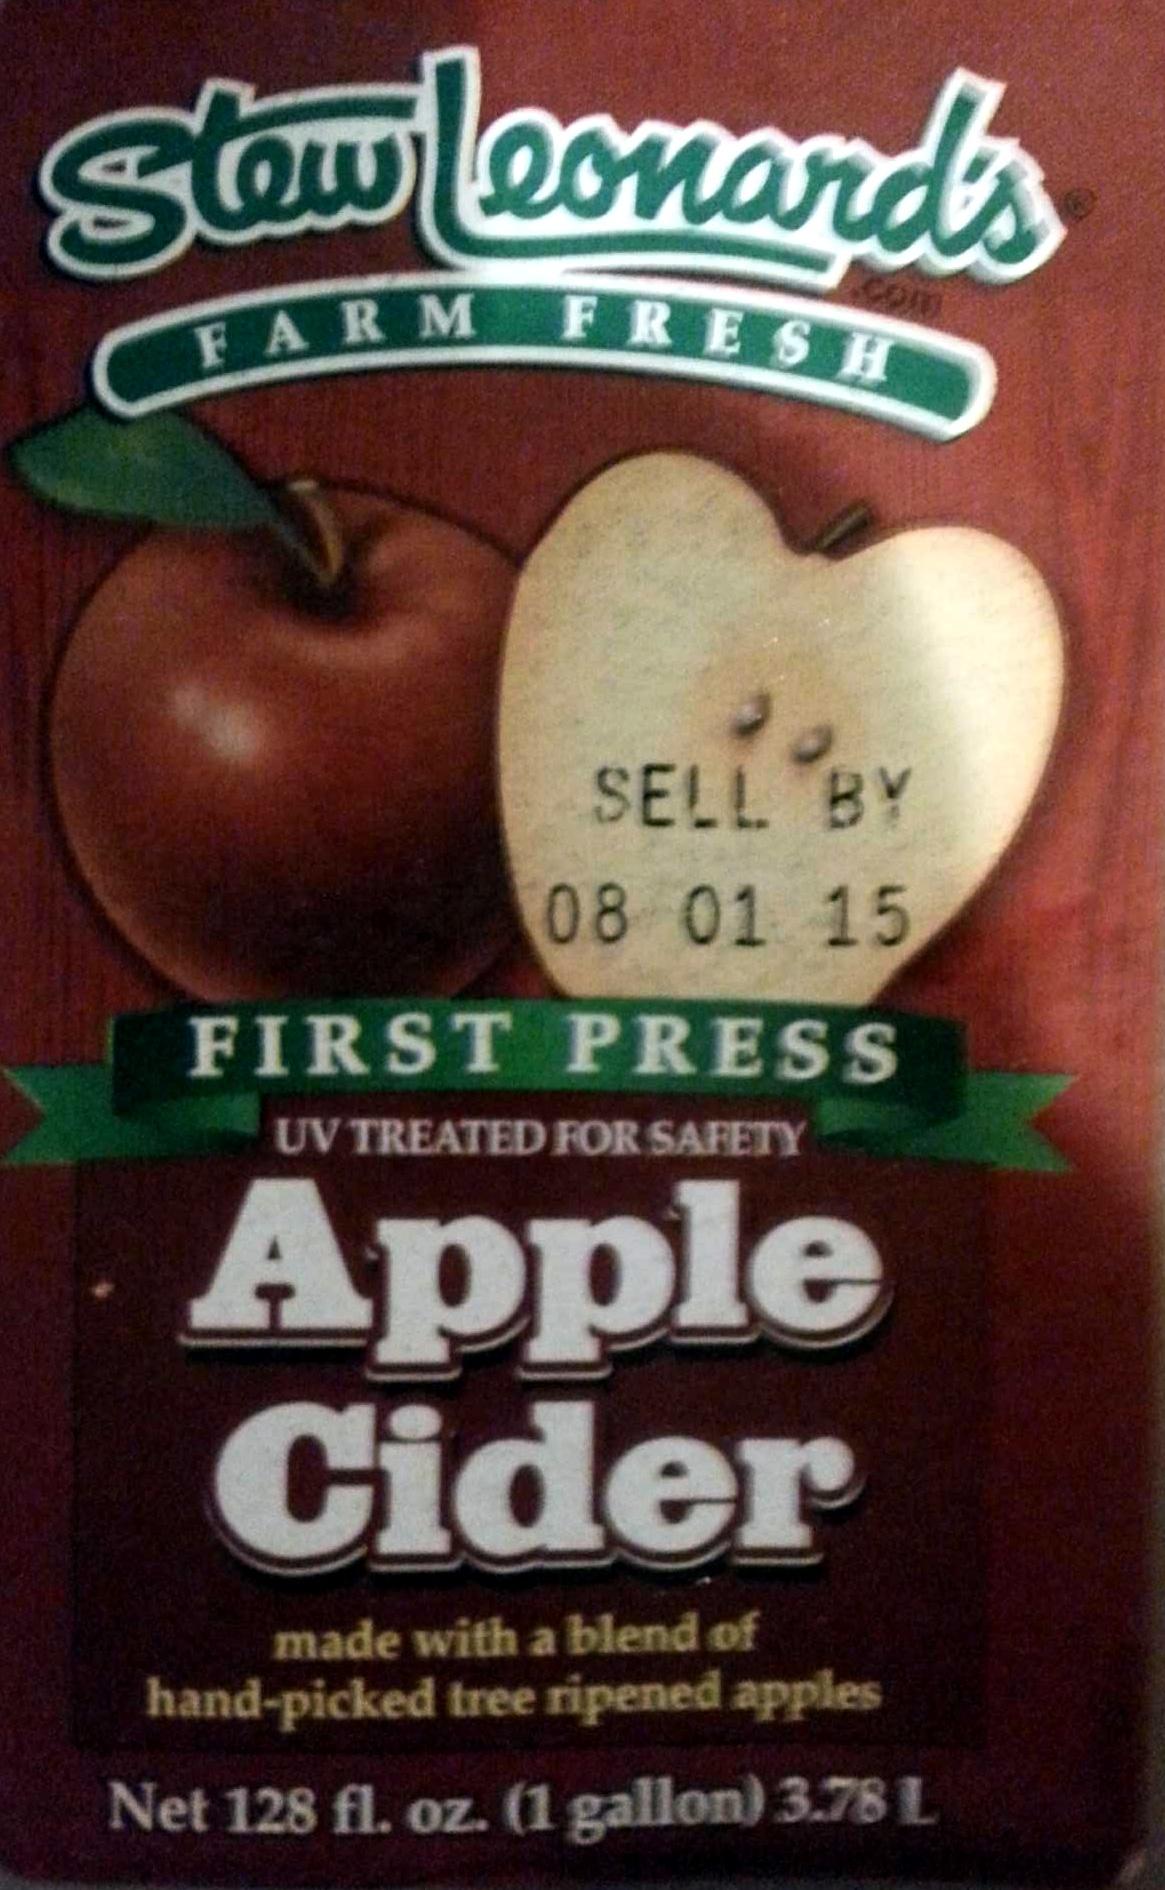 Apple Cider - Product - en